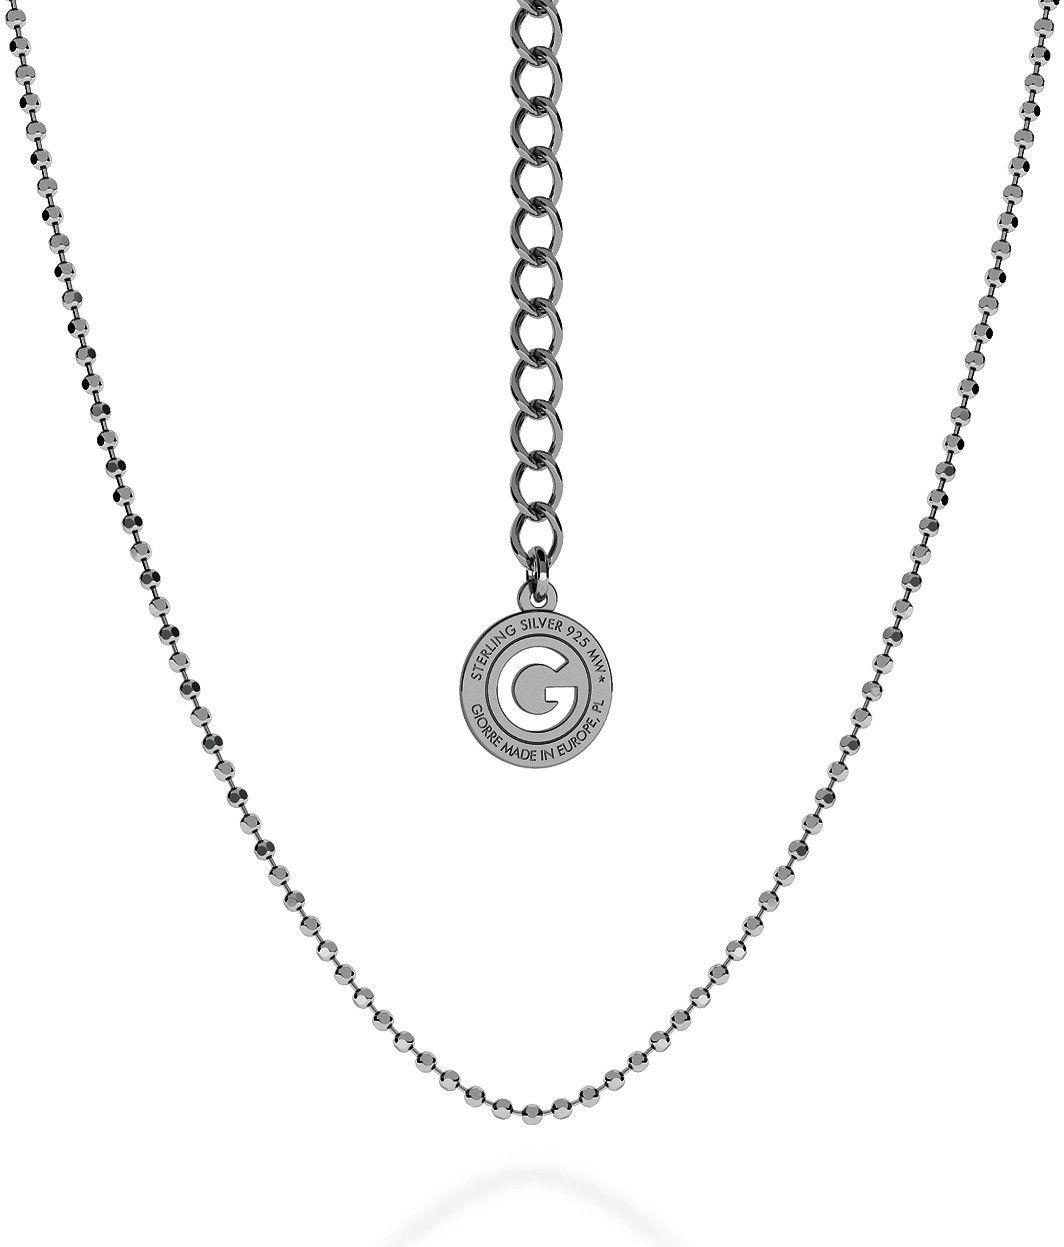 Srebrny łańcuszek z kulek, srebro 925 : Długość (cm) - 45 + 5, Srebro - kolor pokrycia - Pokrycie żółtym 18K złotem